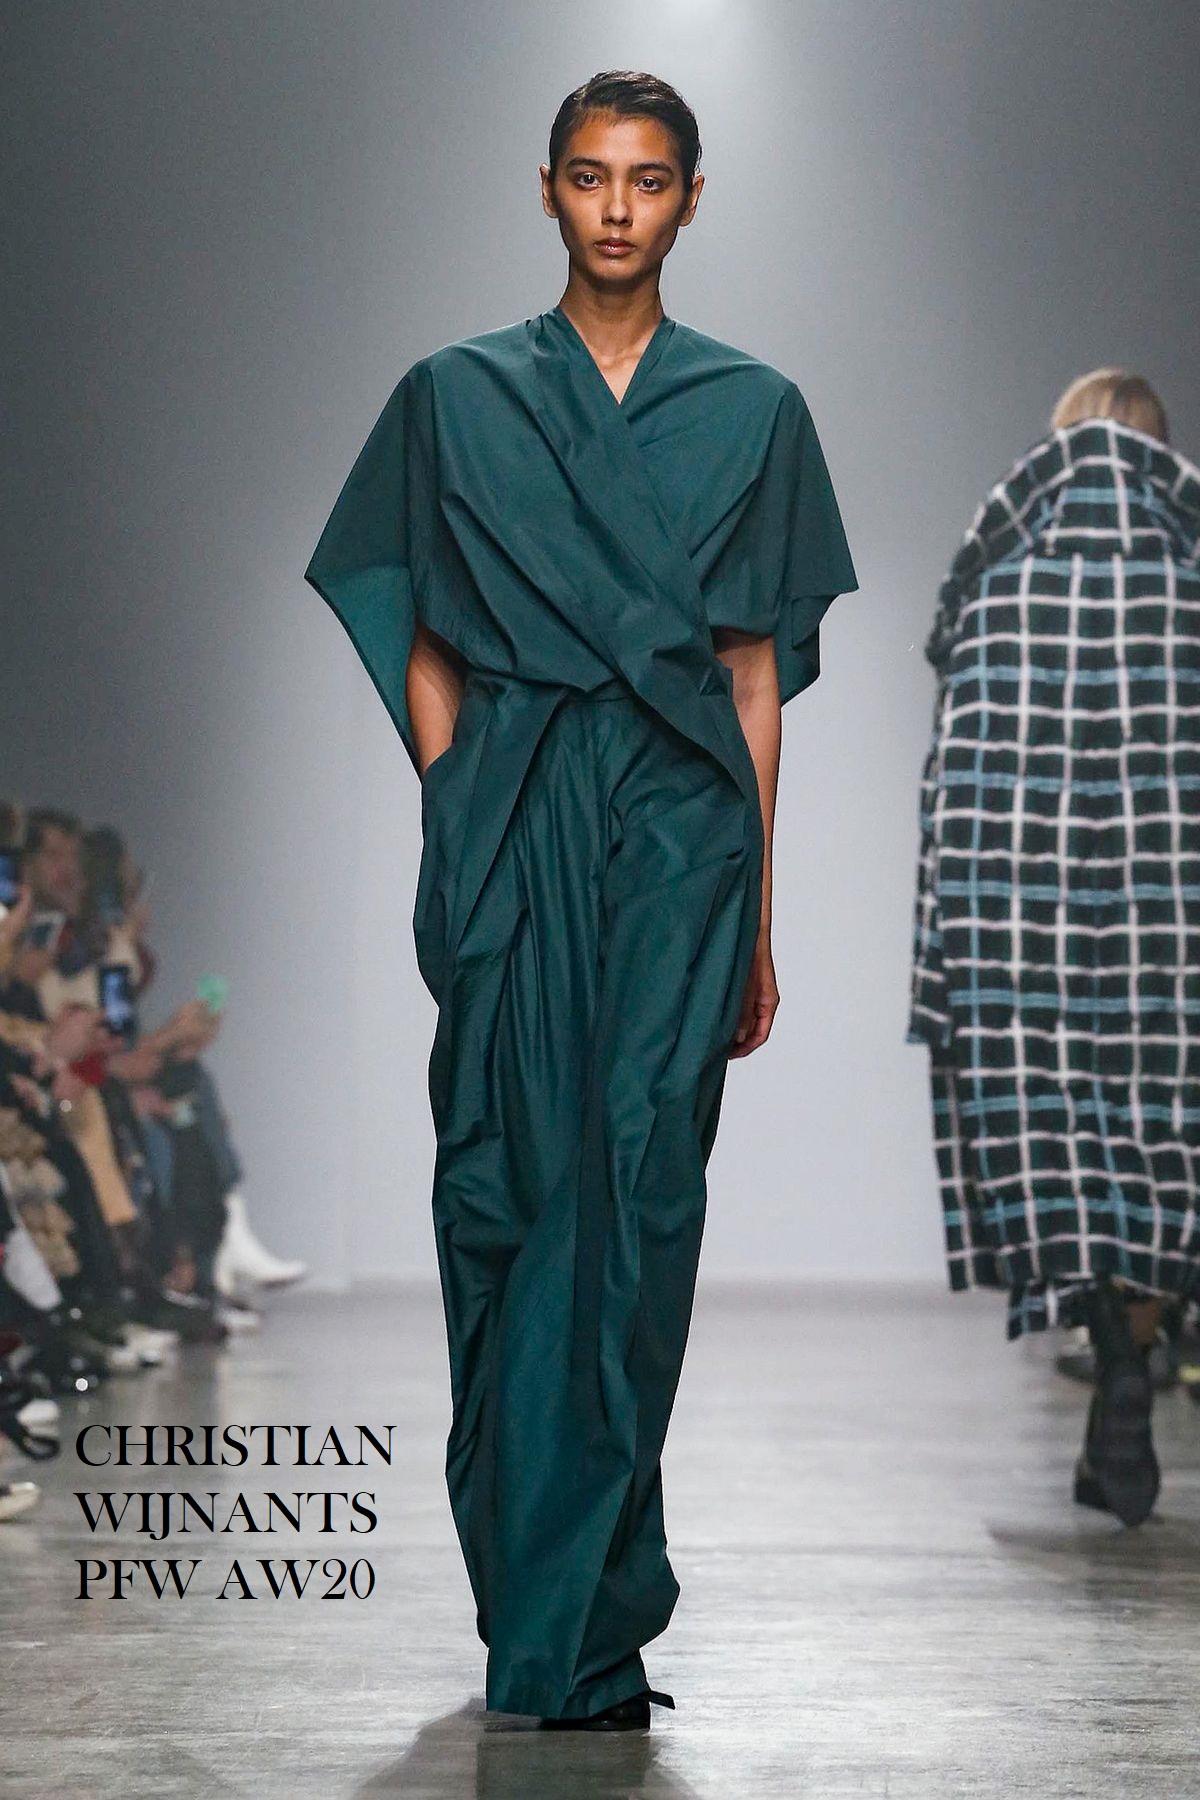 Christian-Wijnants-RTW-FW20-Paris-5874-1